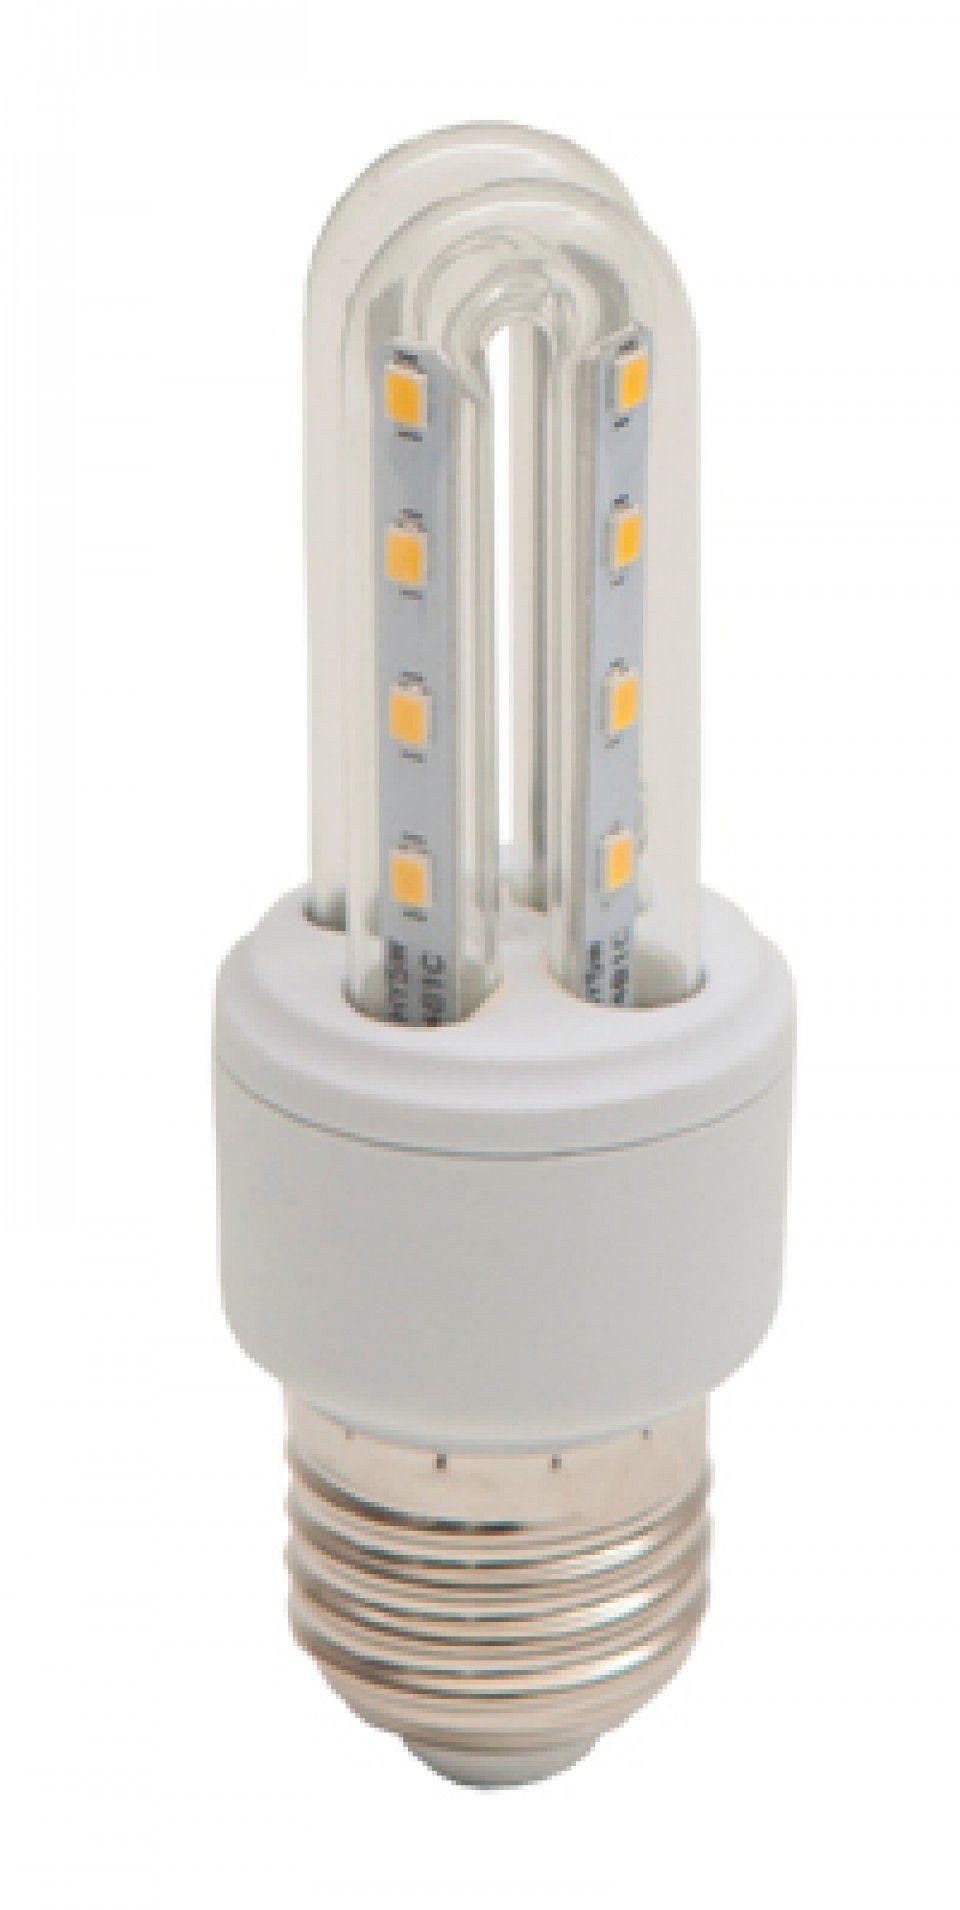 LAMPADA LED COMPACTA 2U 3W E27 BIVOLT - BRANCO FRIO 6000K